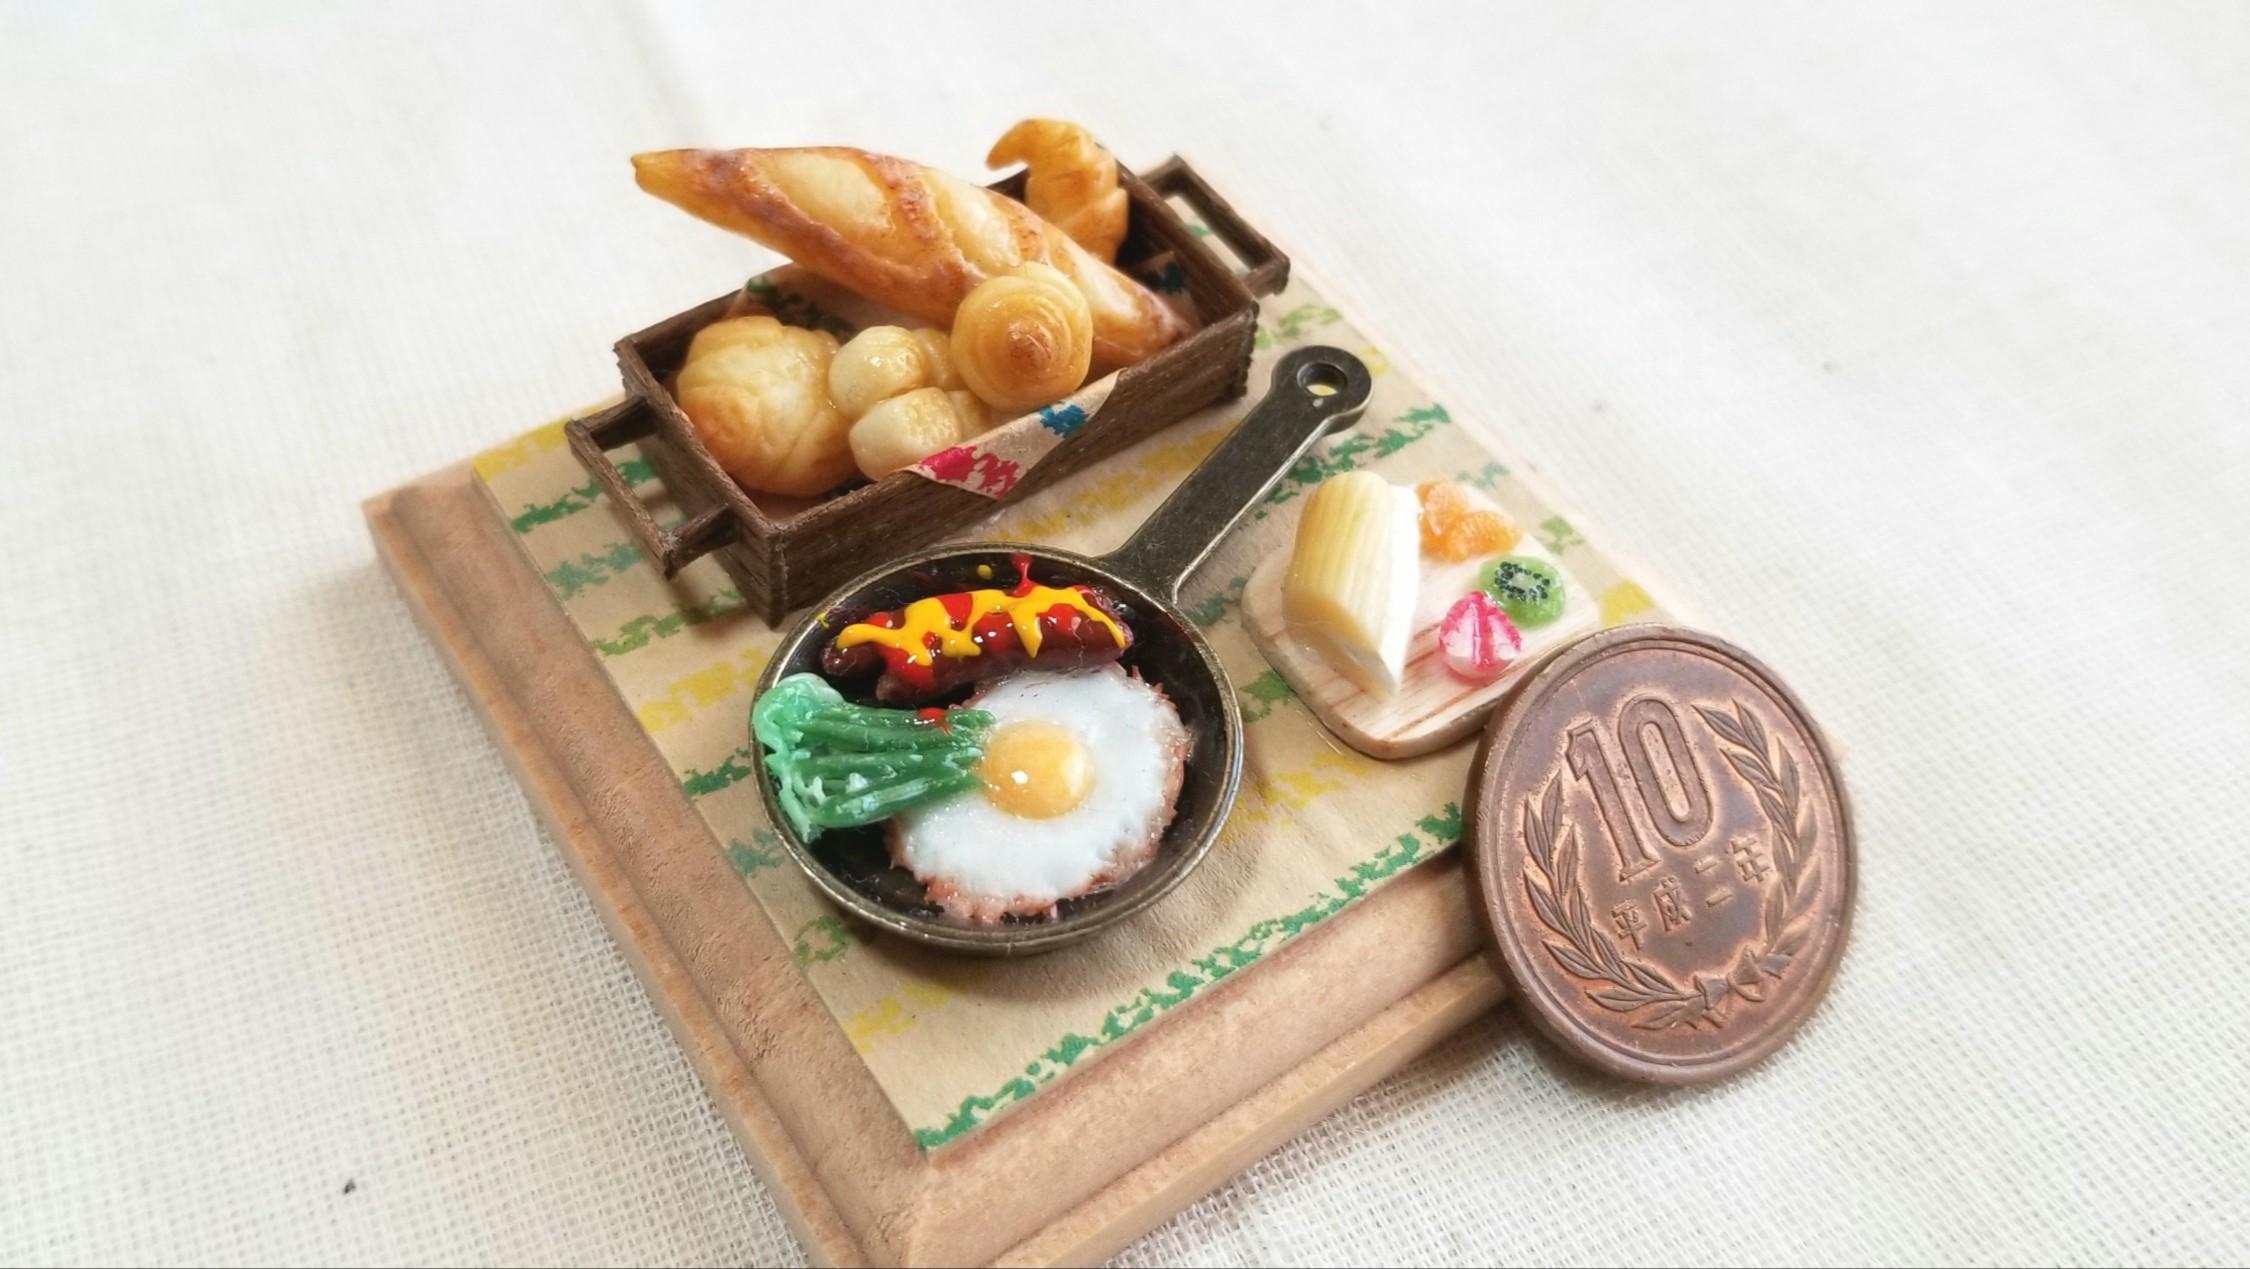 美味しいパン屋のパンセット,モーニングセット,小さい,可愛い,粘土